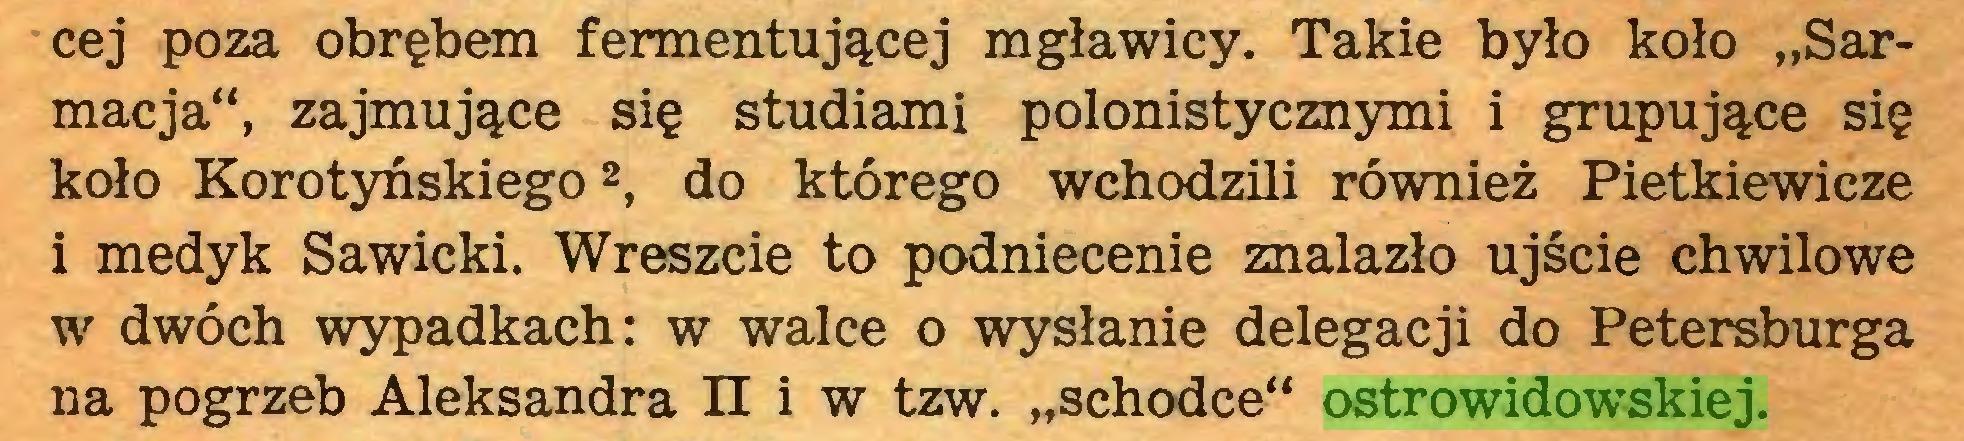 """(...) cej poza obrębem fermentującej mgławicy. Takie było koło """"Sarmacja"""", zajmujące się studiami polonistycznymi i grupujące się koło Korotyńskiego2, do którego wchodzili również Pietkiewicze i medyk Sawicki. Wreszcie to podniecenie znalazło ujście chwilowe w dwóch wypadkach: w walce o wysłanie delegacji do Petersburga na pogrzeb Aleksandra II i w tzw. """"schodce"""" ostrowidowskiej..."""